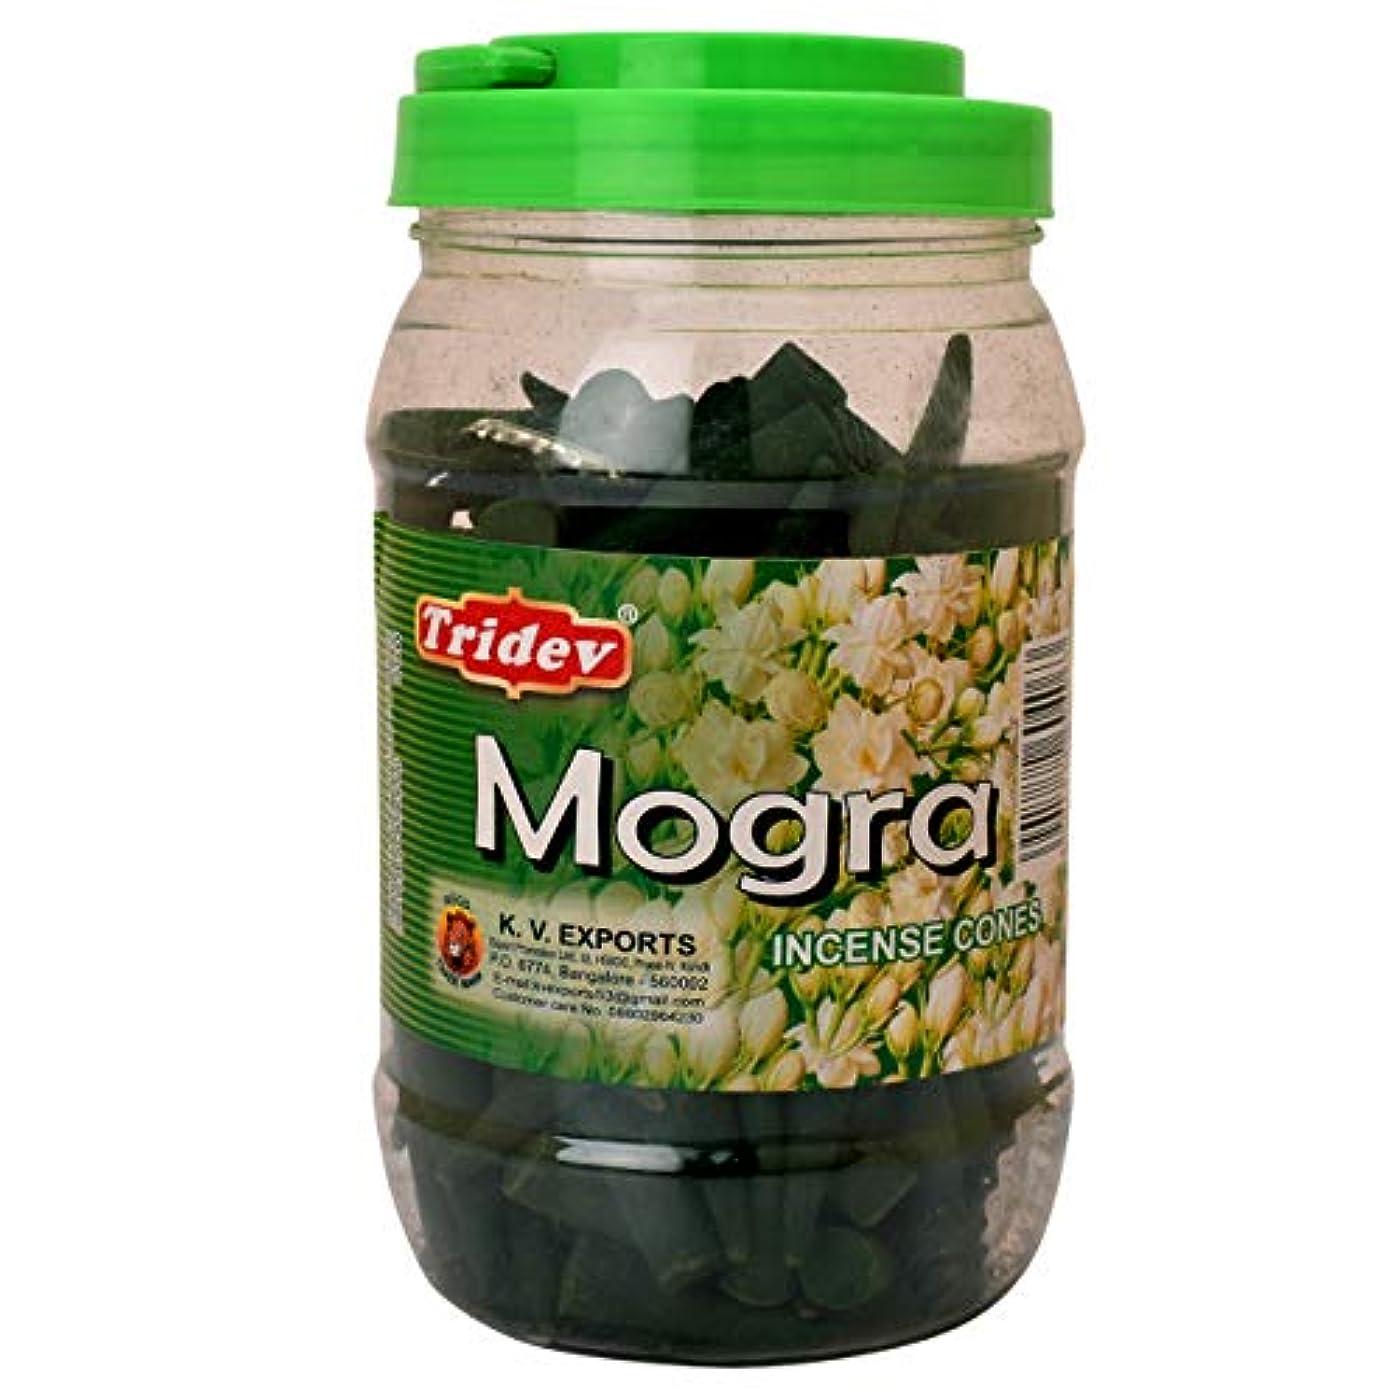 住居わかる卑しいTridev Mogra フレグランス コーン型お香 500グラム 瓶 輸出品質